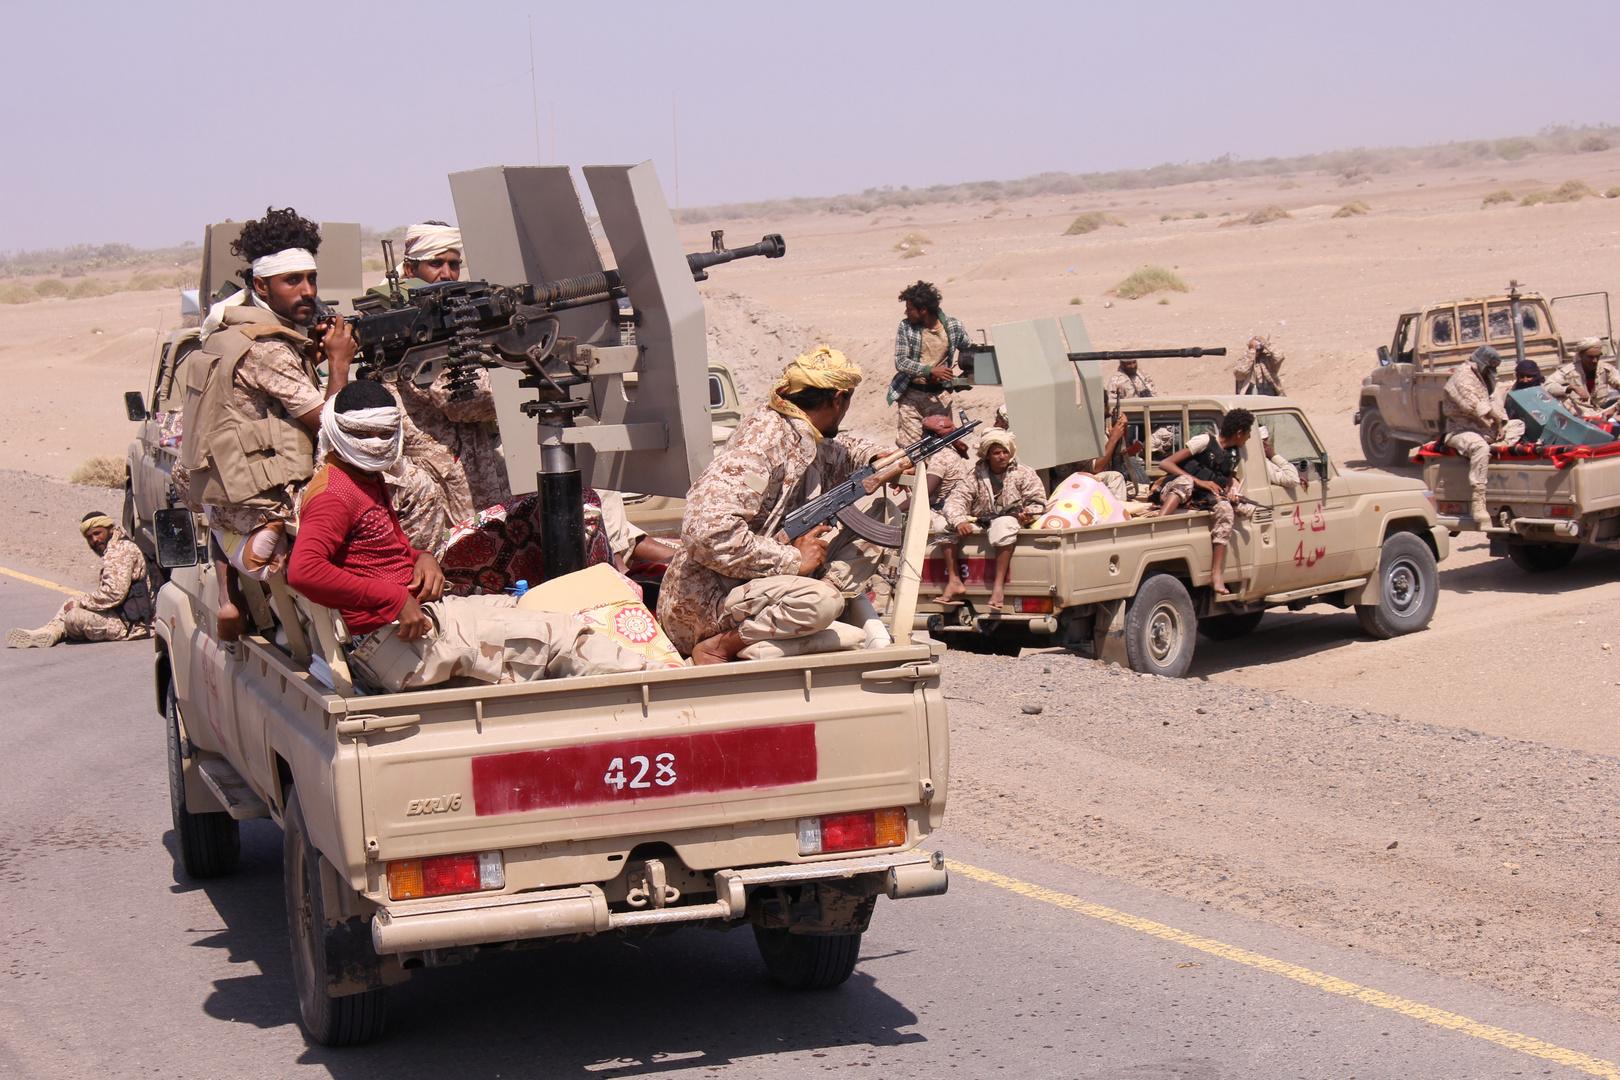 الجيش اليمني يعلن إسقاط طائرتين مفخختين للحوثيين غرب مأرب